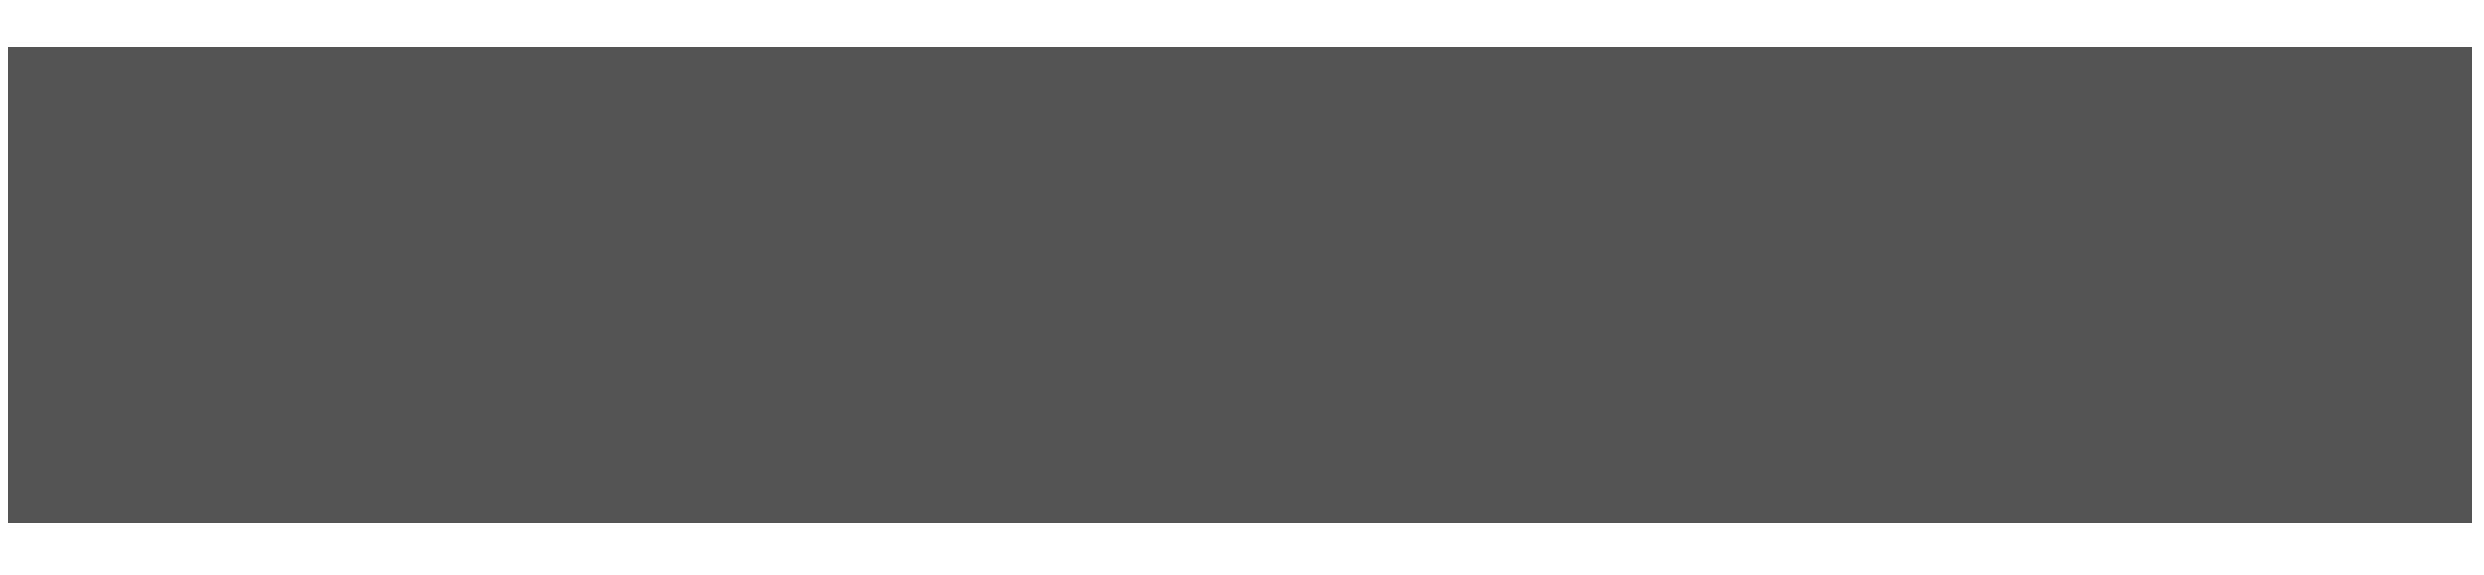 Zahnarzt Dr. med. dent. Joachim Seiz, Kelsterbach